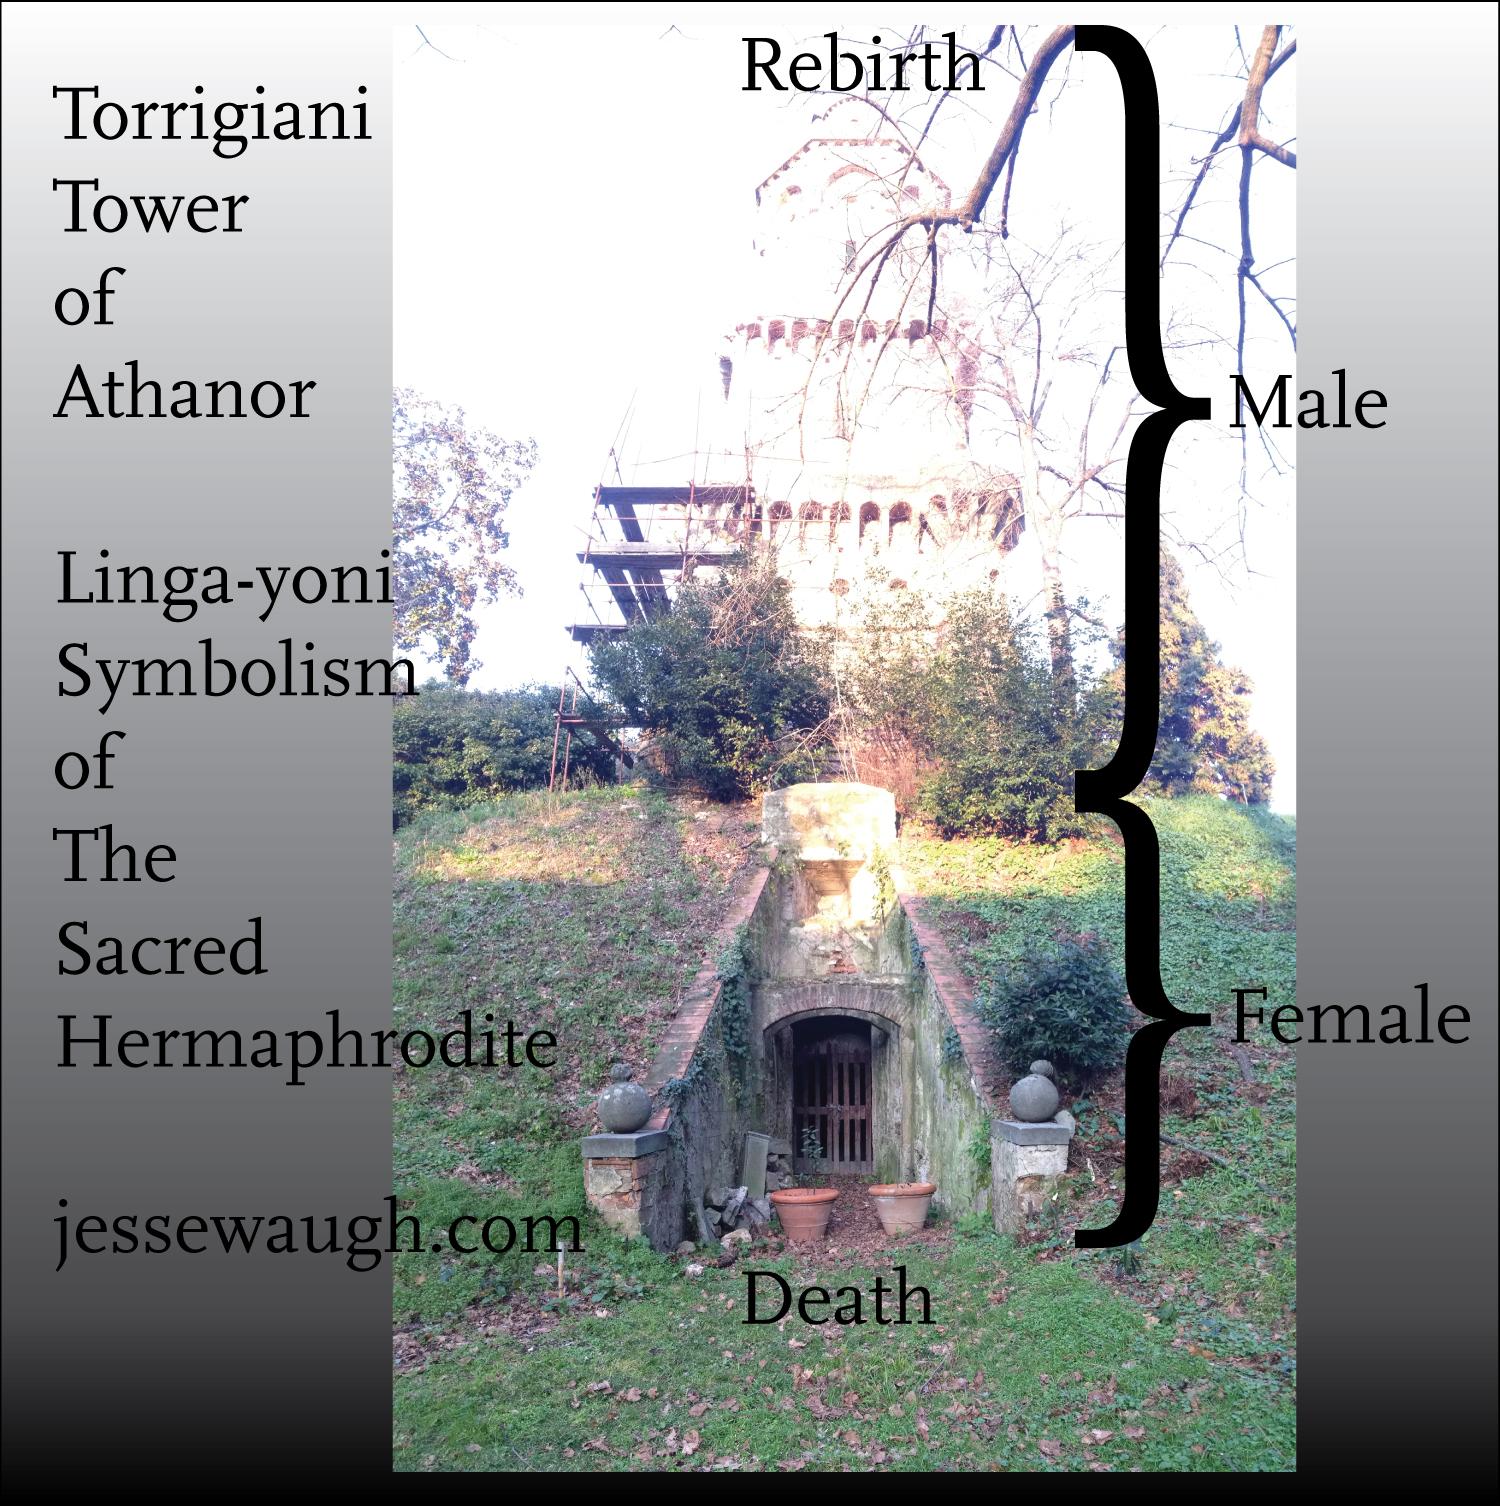 Tower of Athanor Linga-yoni / Sacred Hermaphrodite